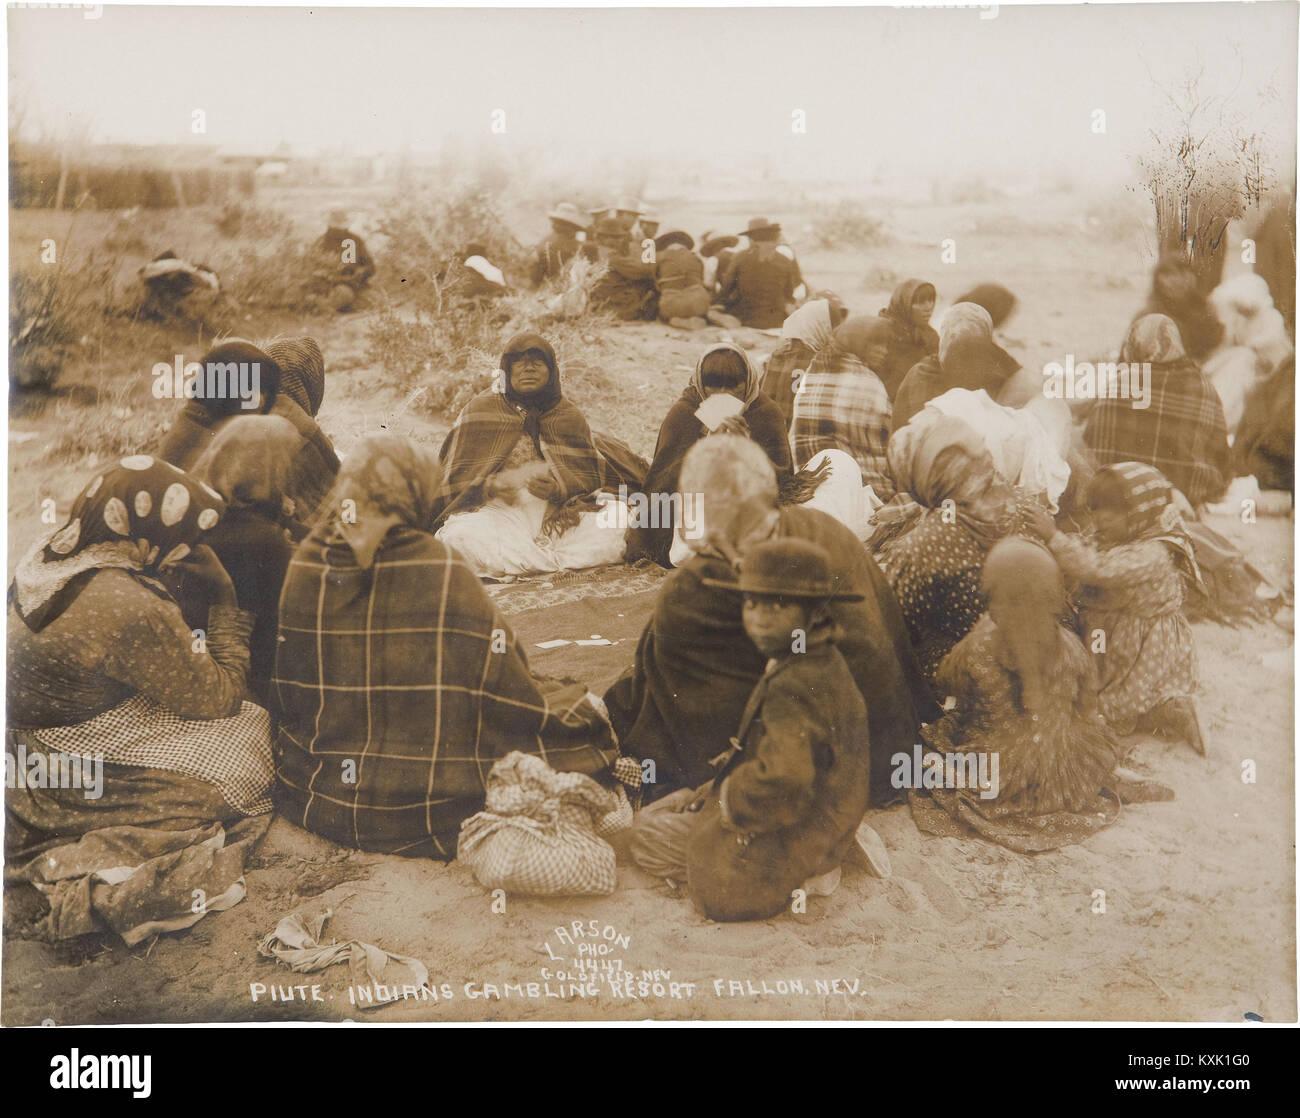 Piute Indians Gambling Resort - Stock Image